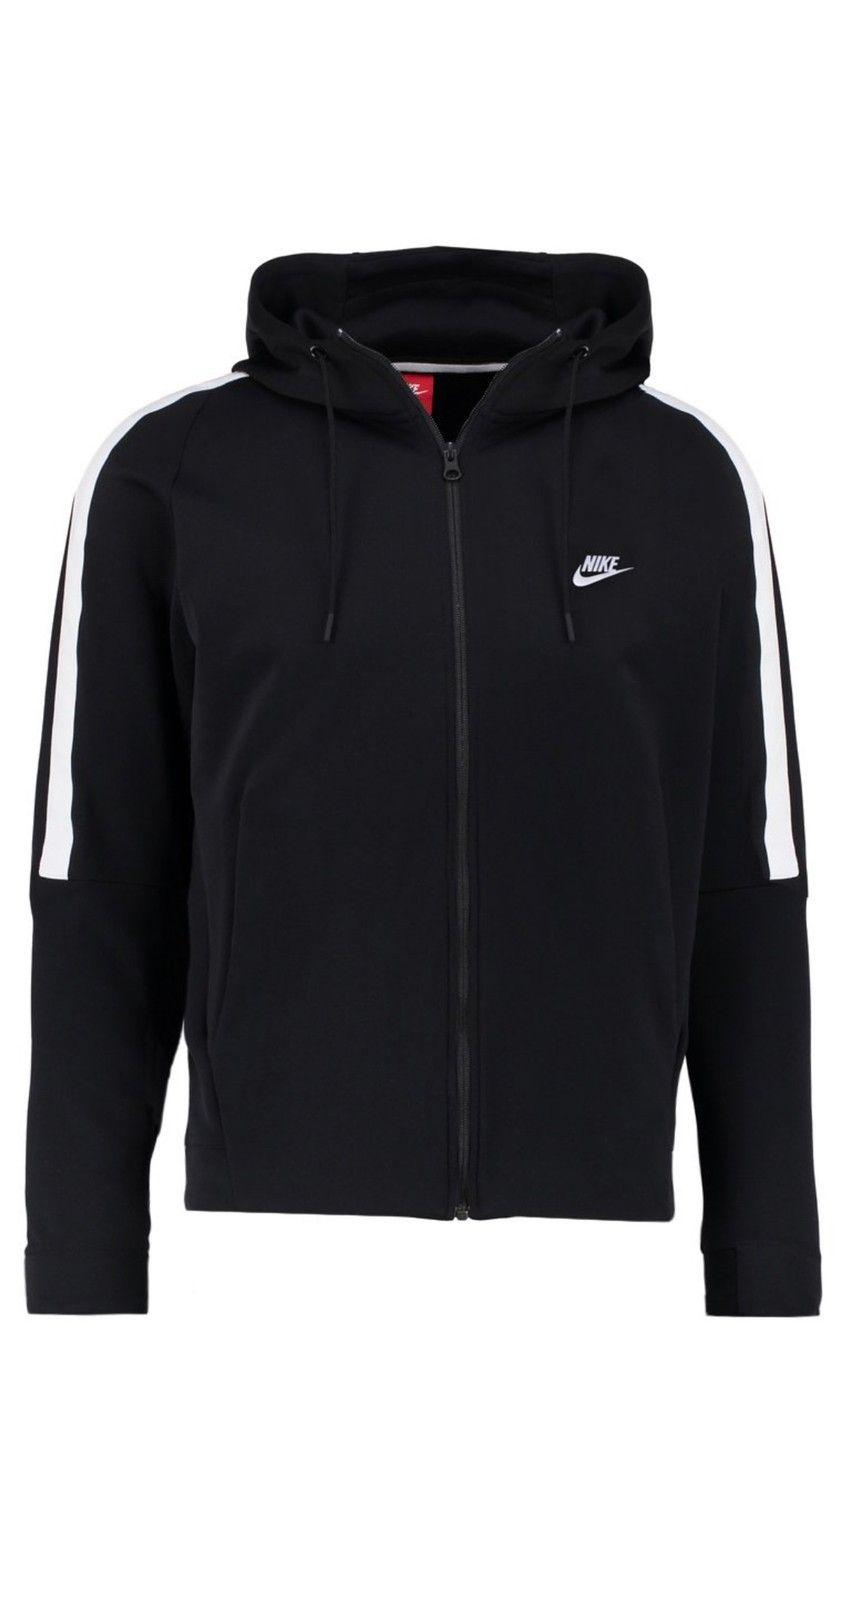 0dbbe370 Nike hettegenser | FINN.no